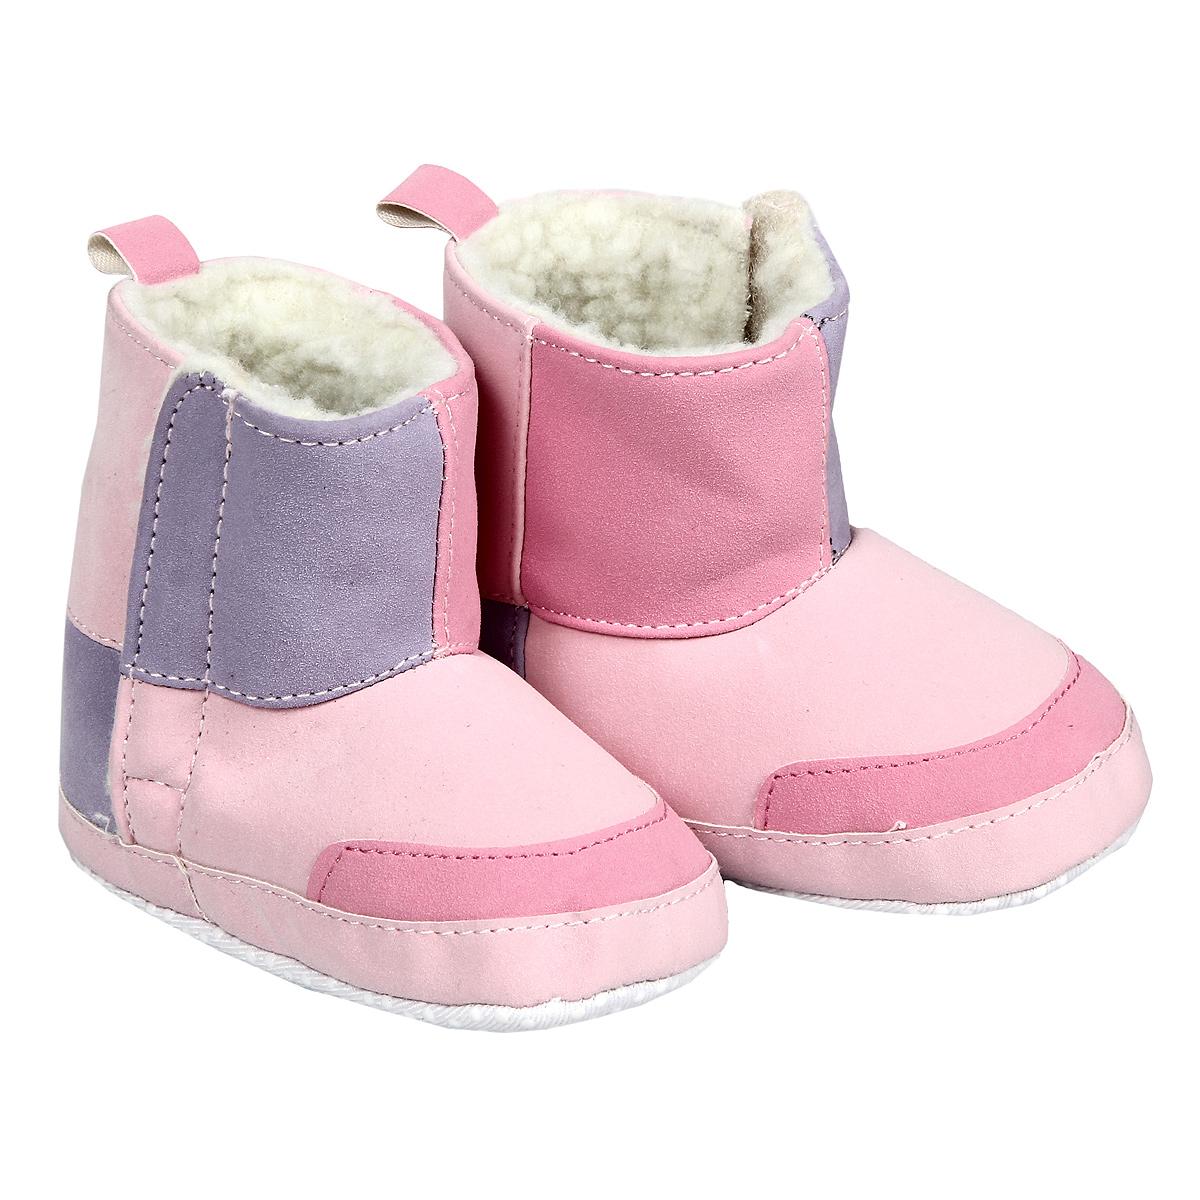 Пинетки для девочки Luvable Friends Угги, цвет: розовый. 11787. Размер 12/18мес обувь для дома 2015